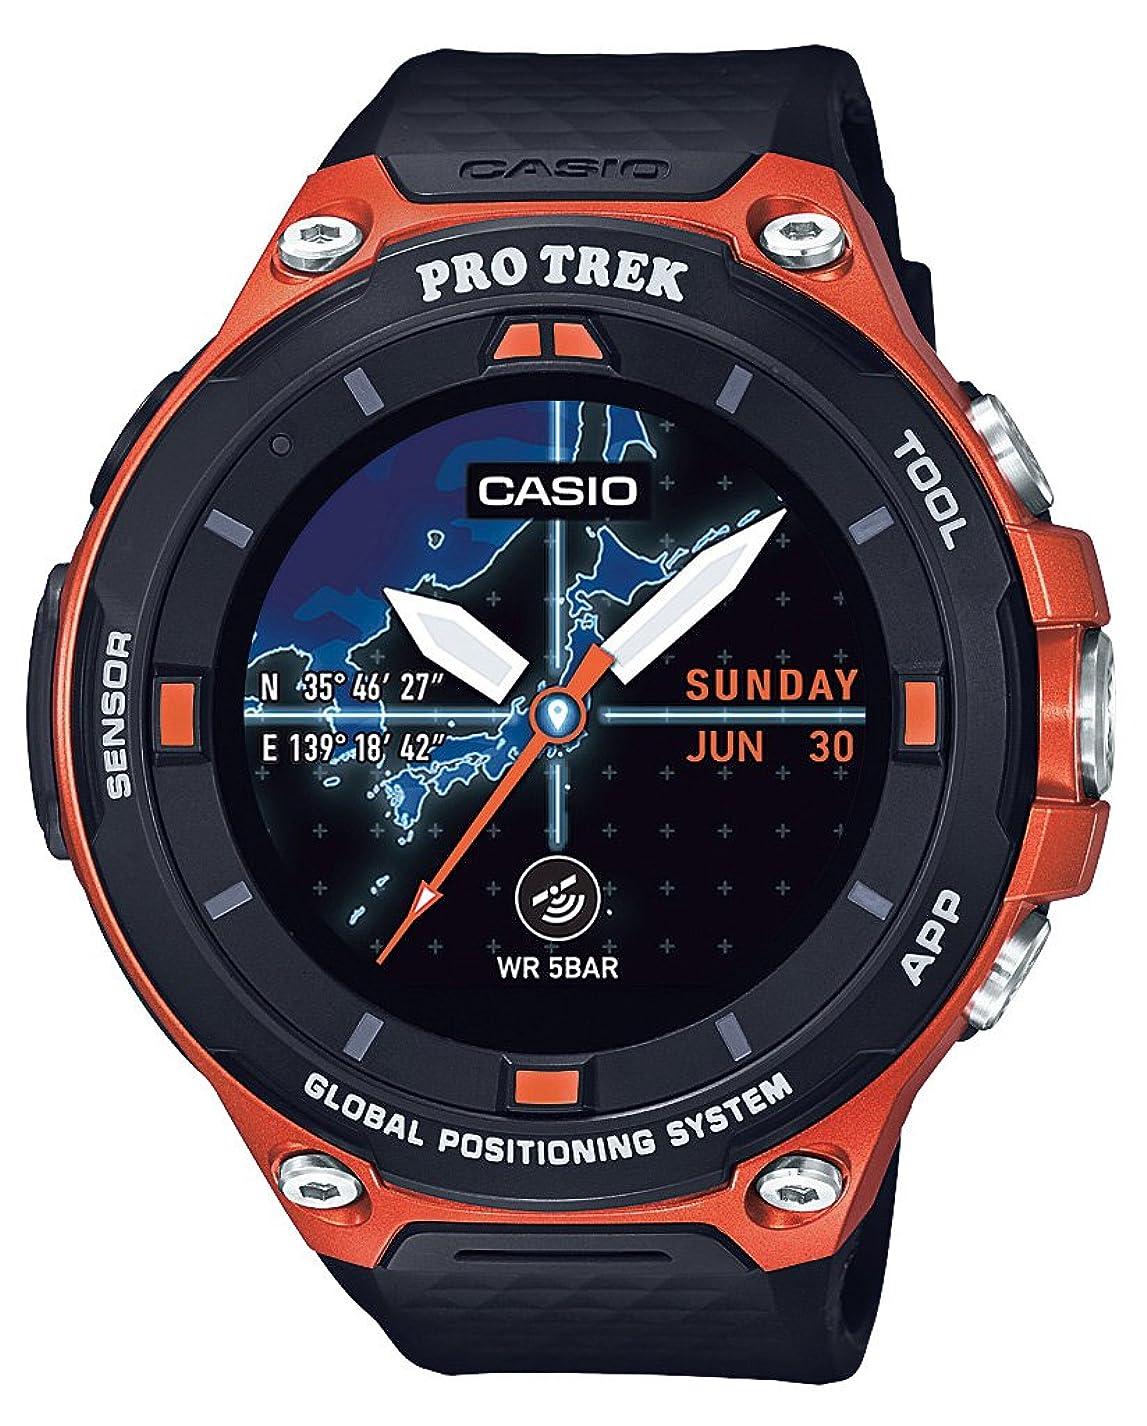 カメラ分ぴったり[カシオ]CASIO スマートアウトドアウォッチ プロトレックスマート GPS 搭載 WSD-F20-RG メンズ